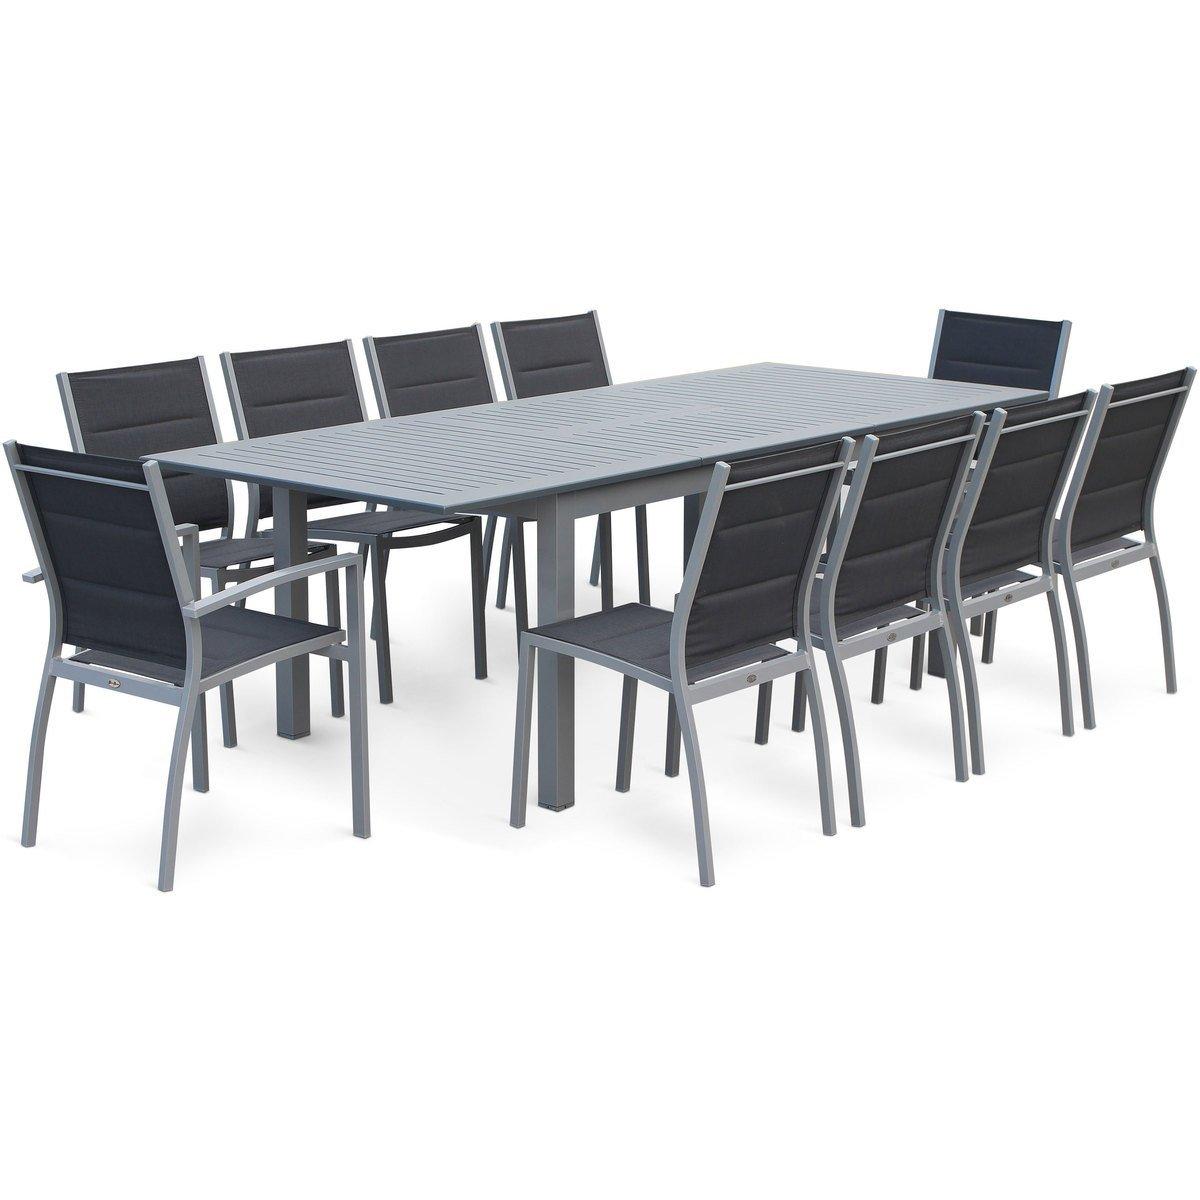 top chaises de jardin en fevr 2021